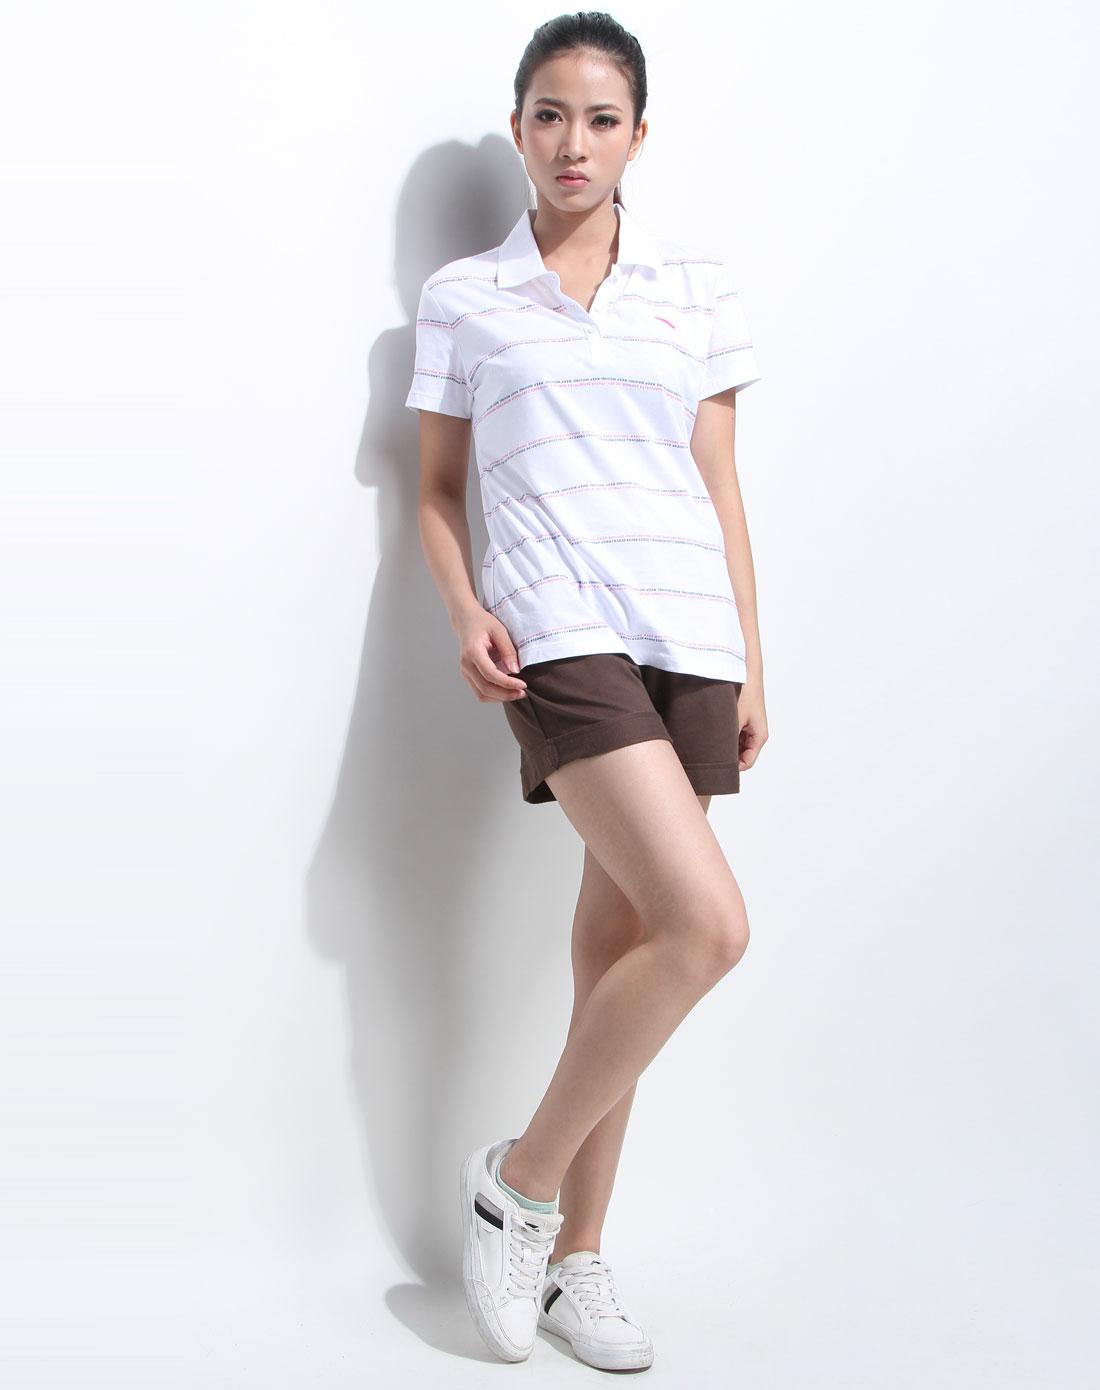 女休闲�z(�:(�ybj�f_女款 白色休闲短袖polo衫